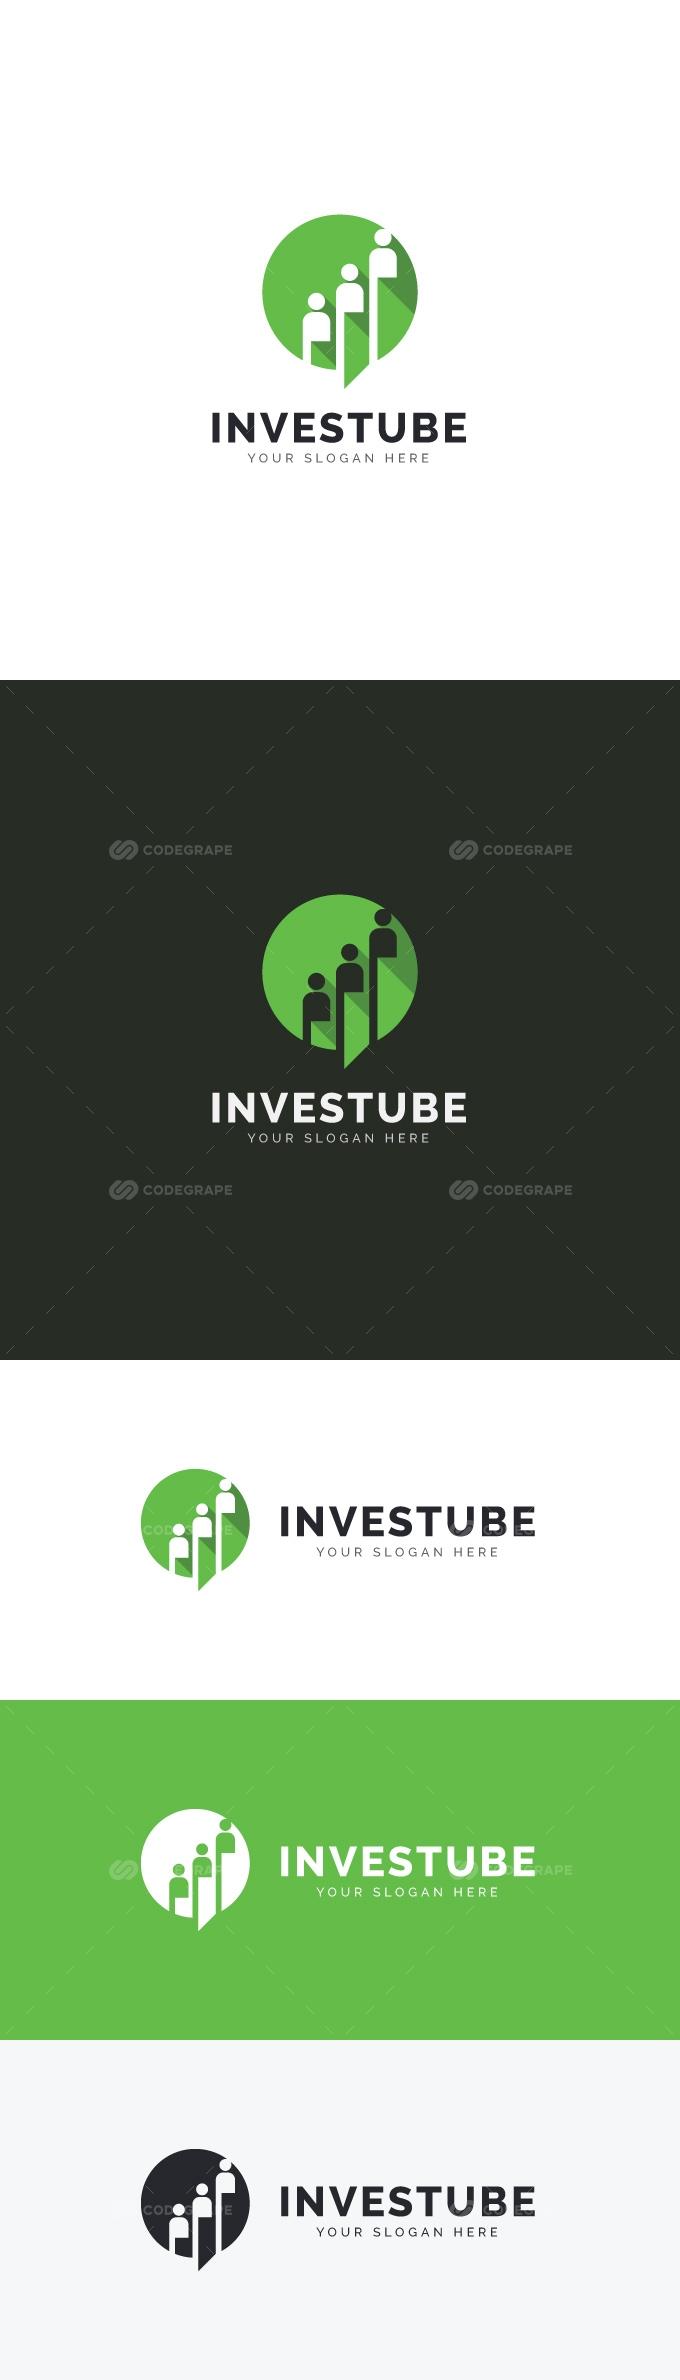 Investor Tube Logo